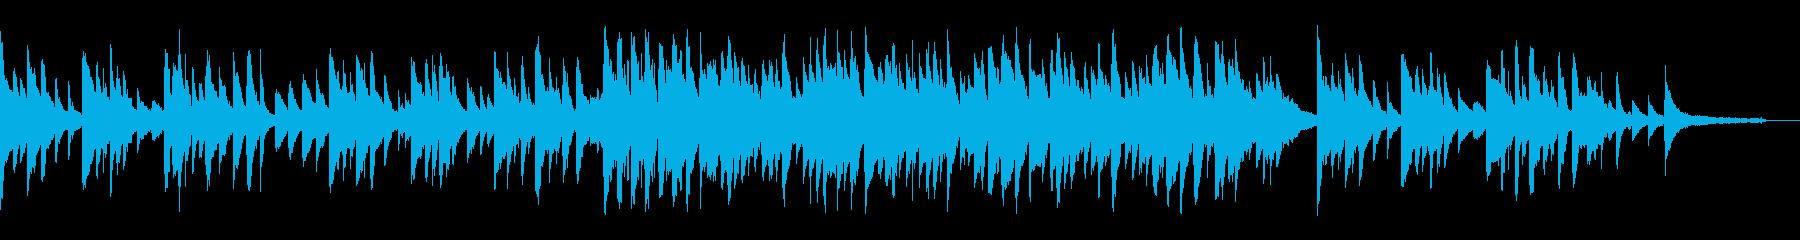 琴とピアノのしっとりと切ないBGMの再生済みの波形